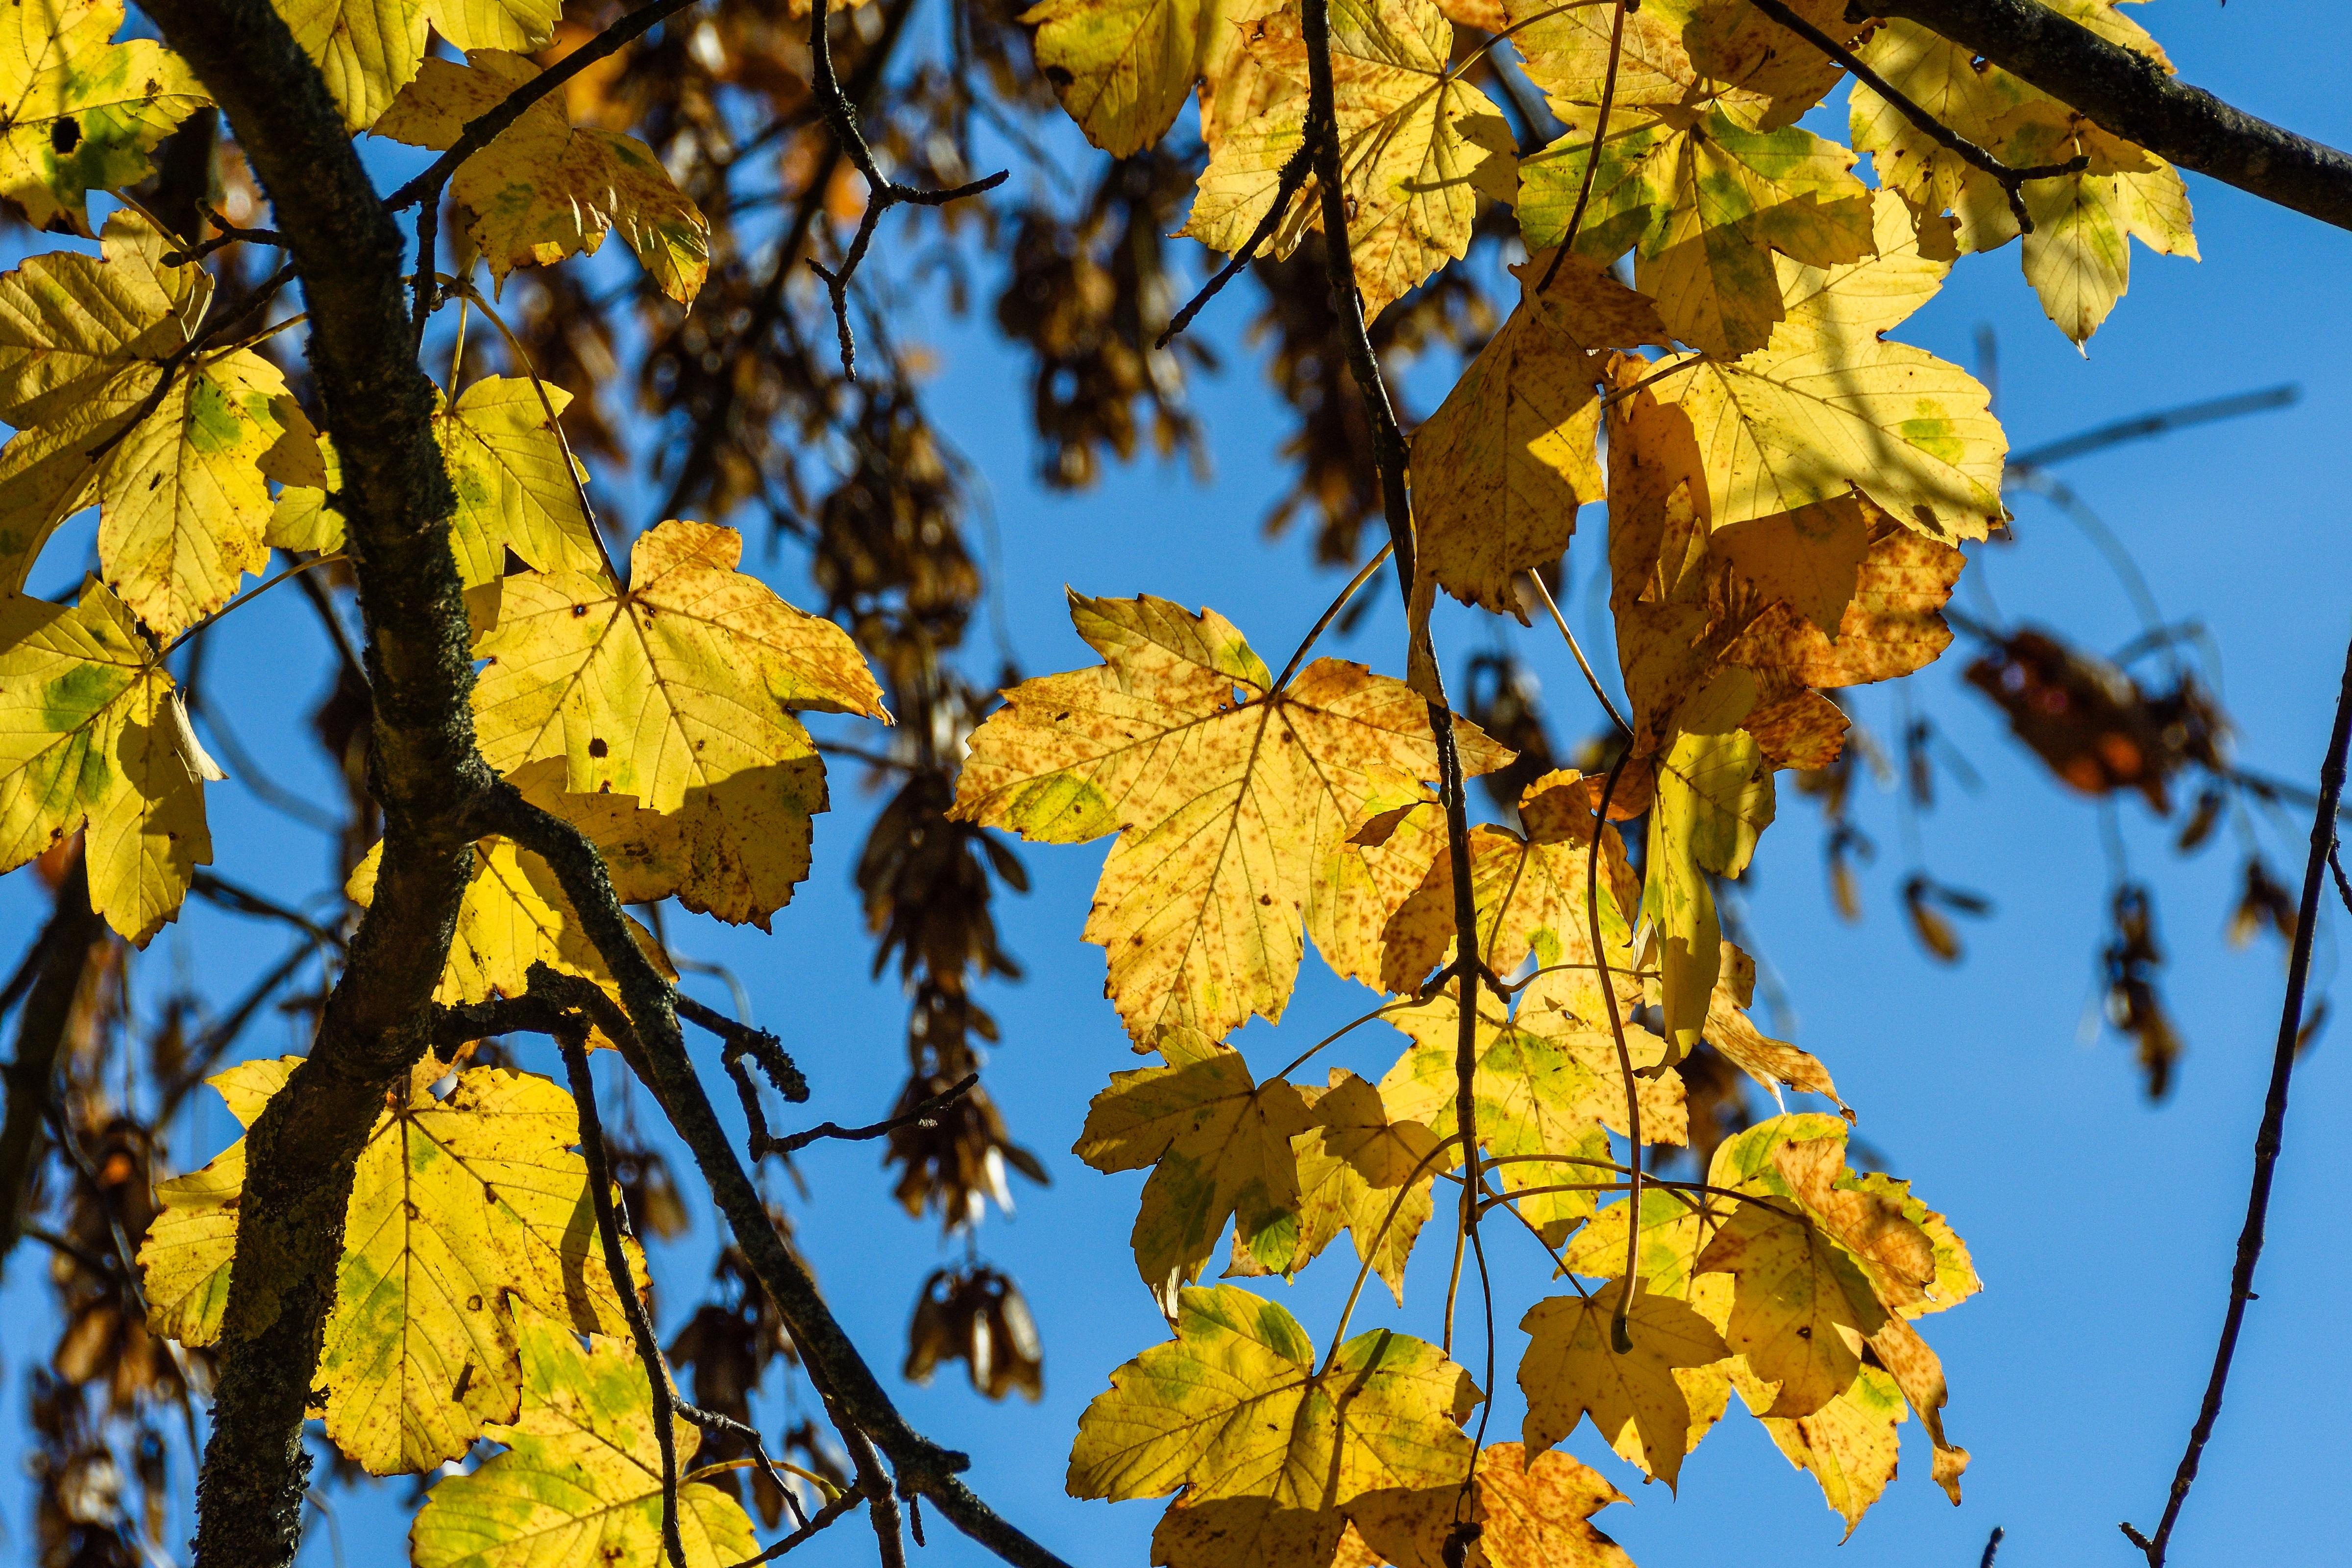 Kostenlose foto : Baum, Ast, Himmel, Sonnenlicht, Blatt, Herbst ...